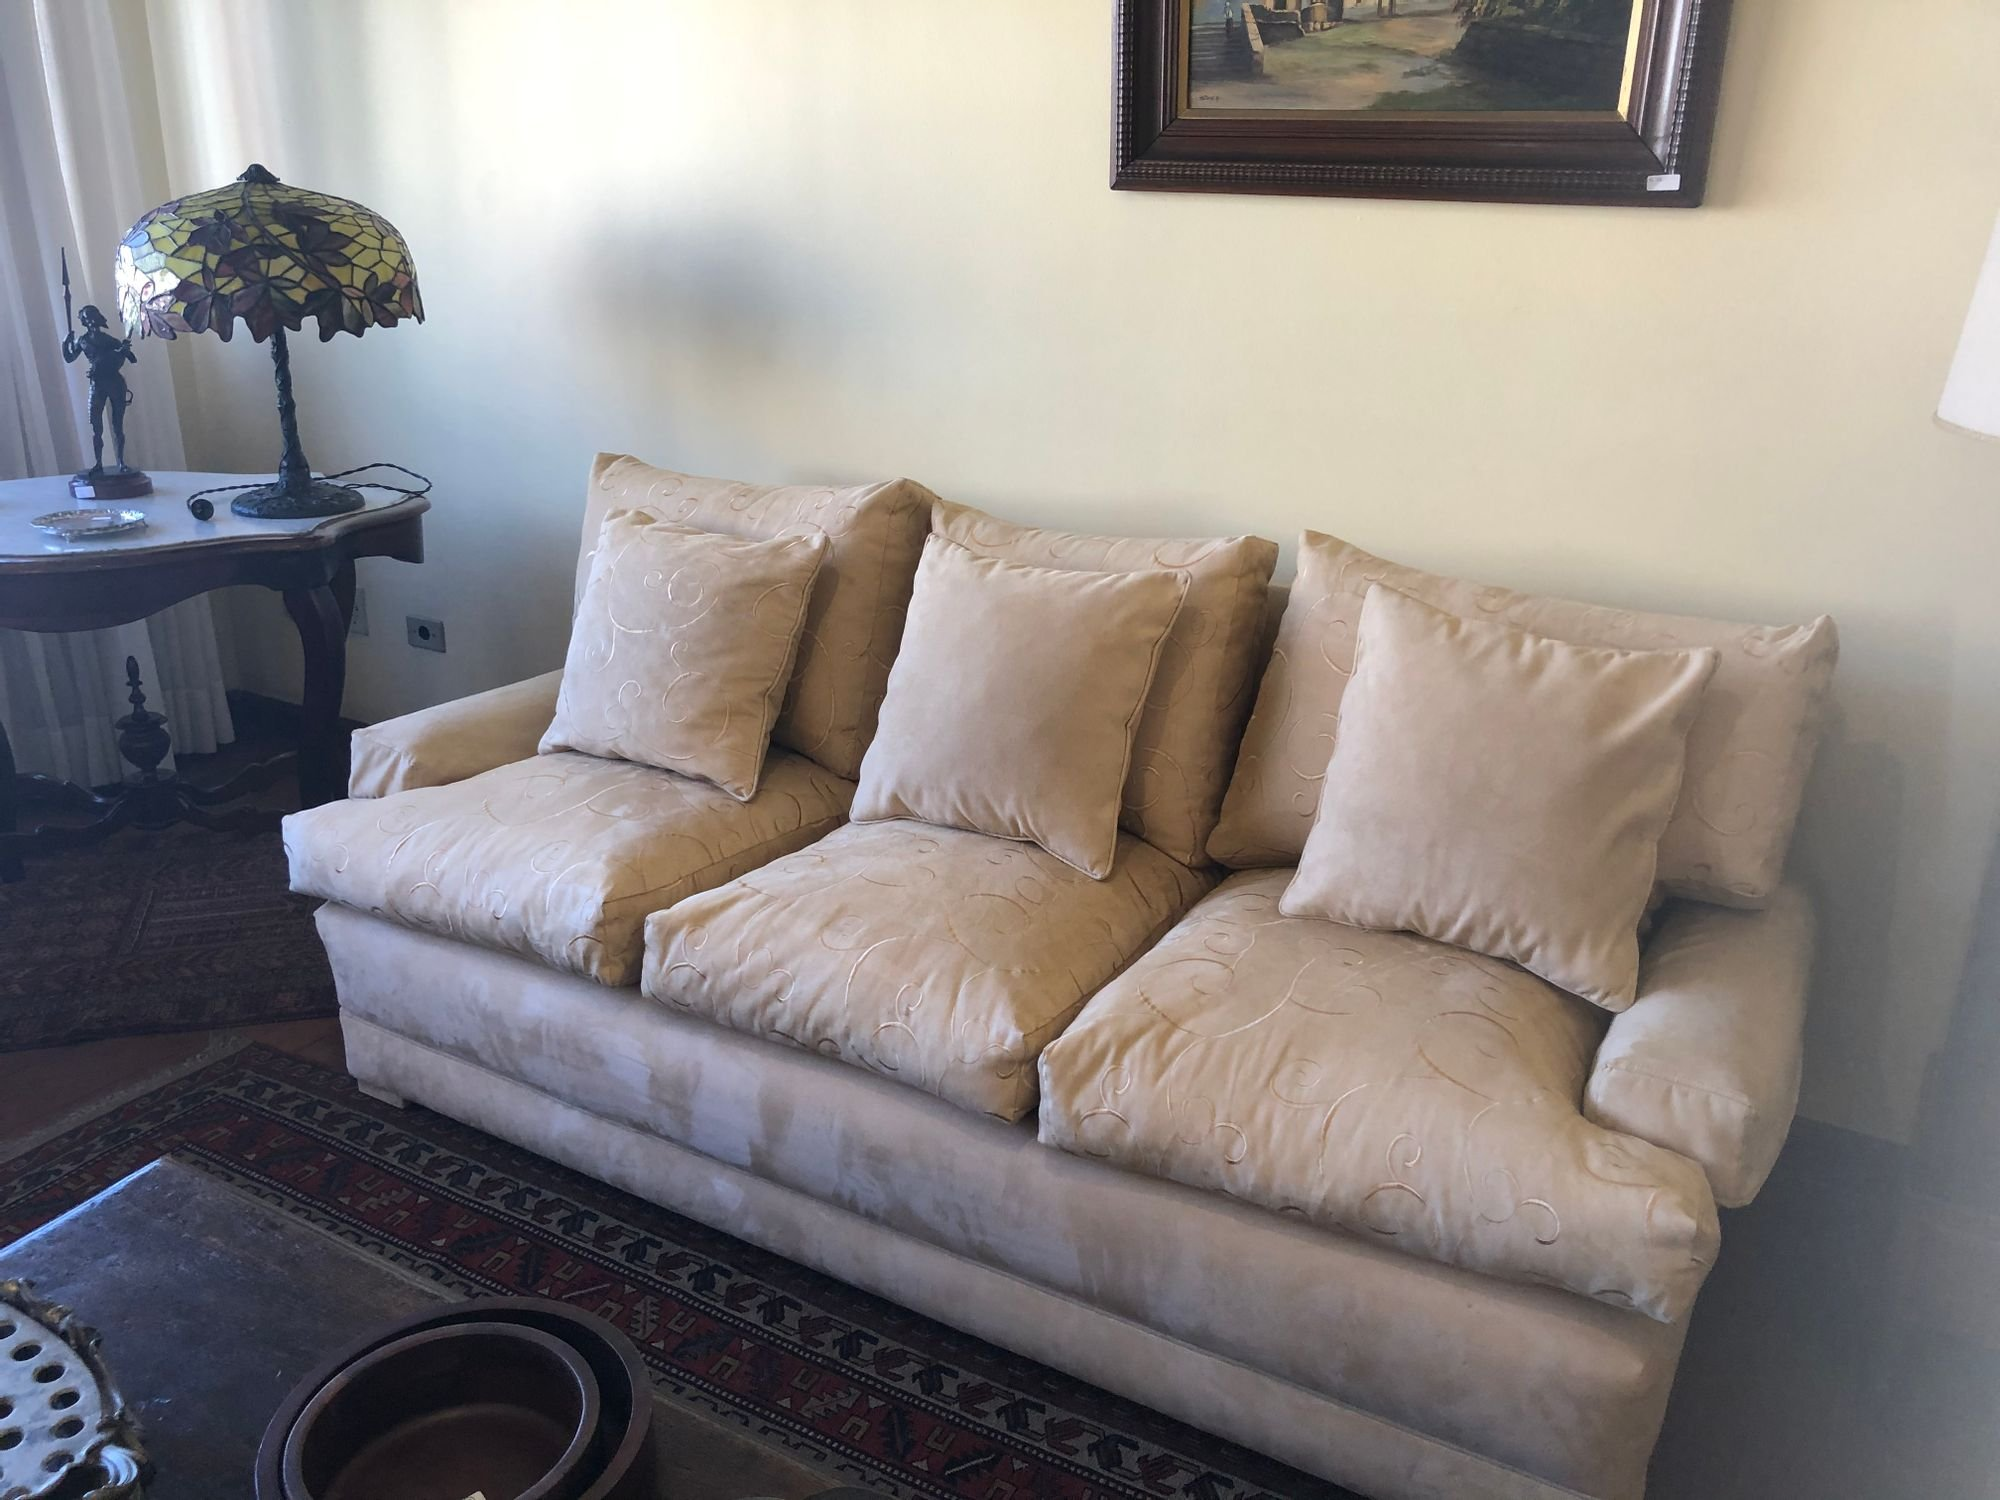 Foto de Quarto com sofá